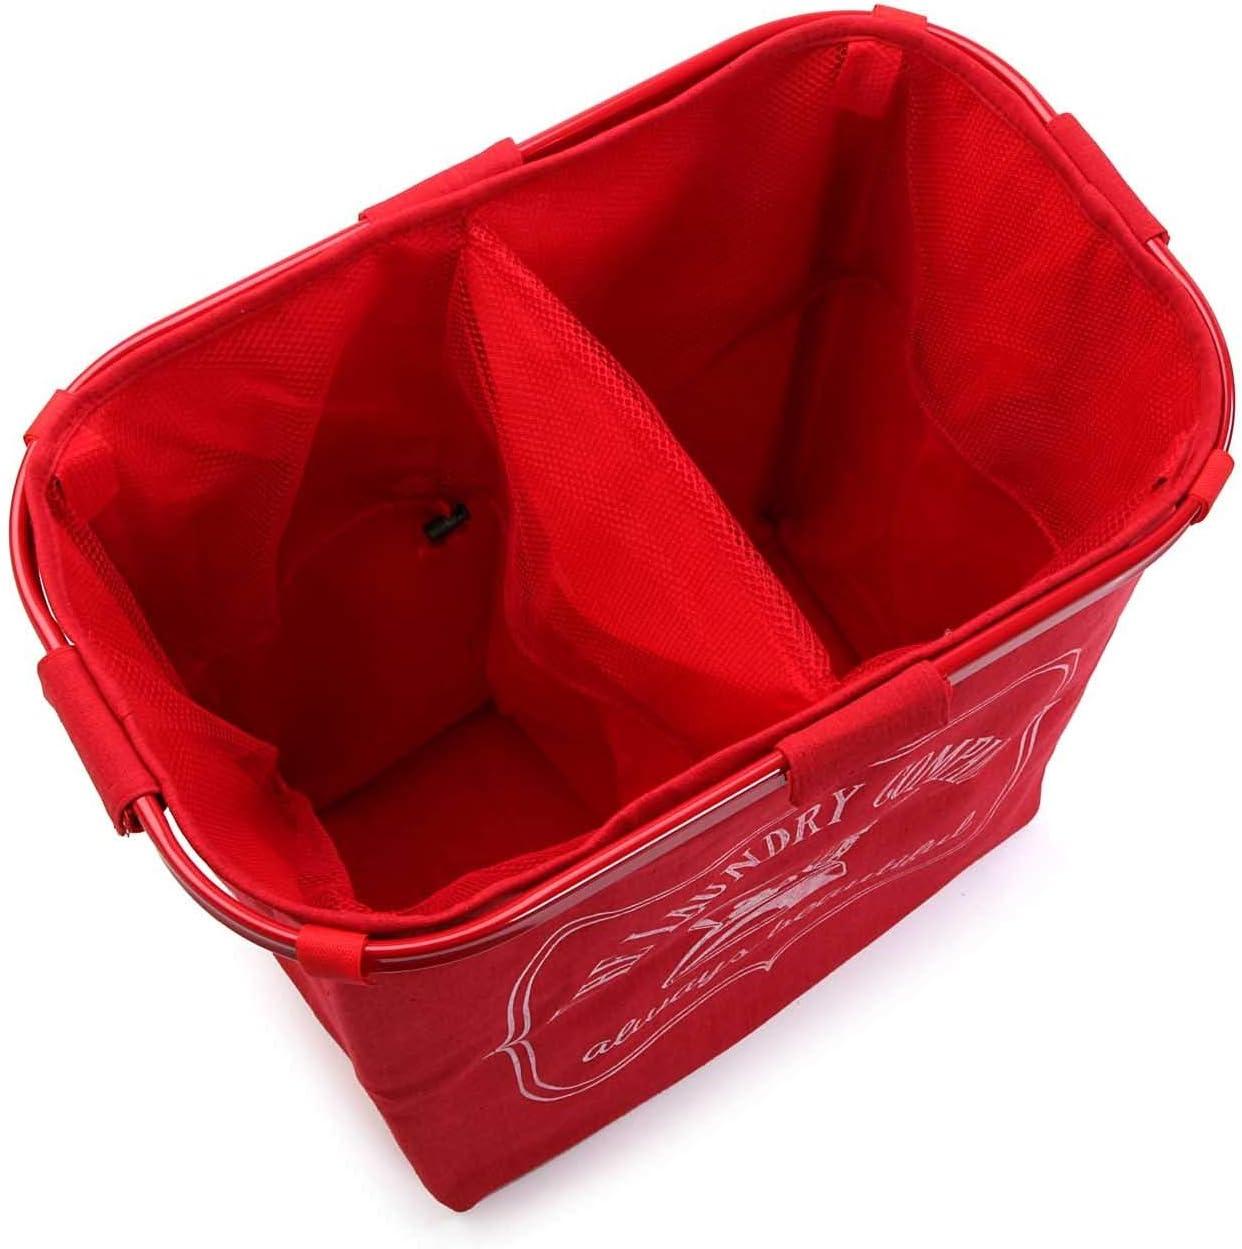 Versa Cesto De Ropa Doble Rojo No Aplica Multicolor